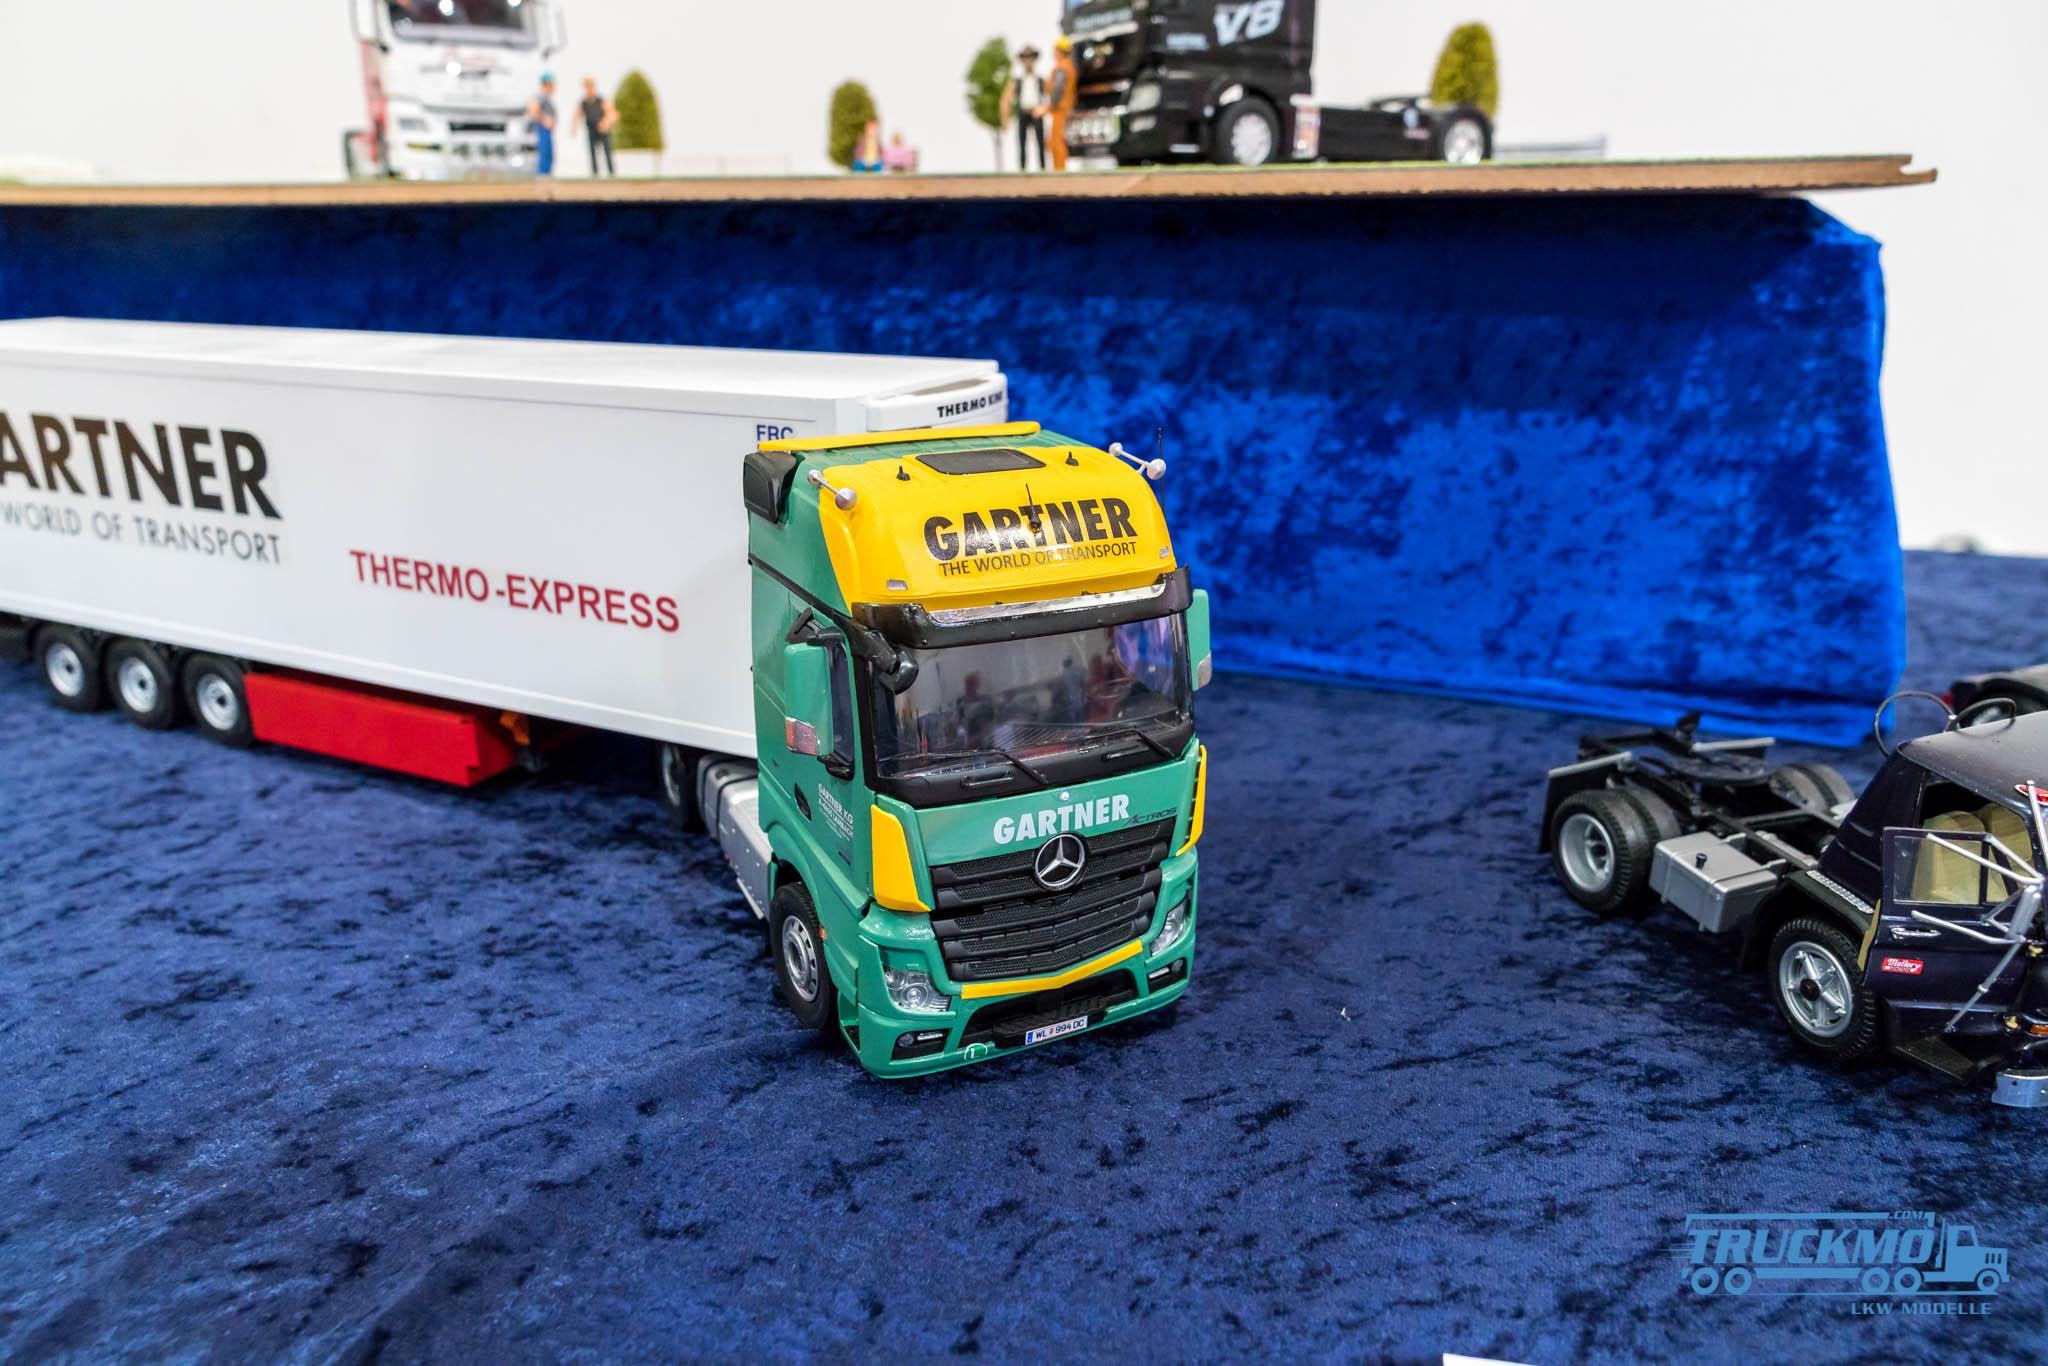 Truckmo_Modellbau_Ried_2017_Herpa_Messe_Modellbauausstellung (300 von 1177)